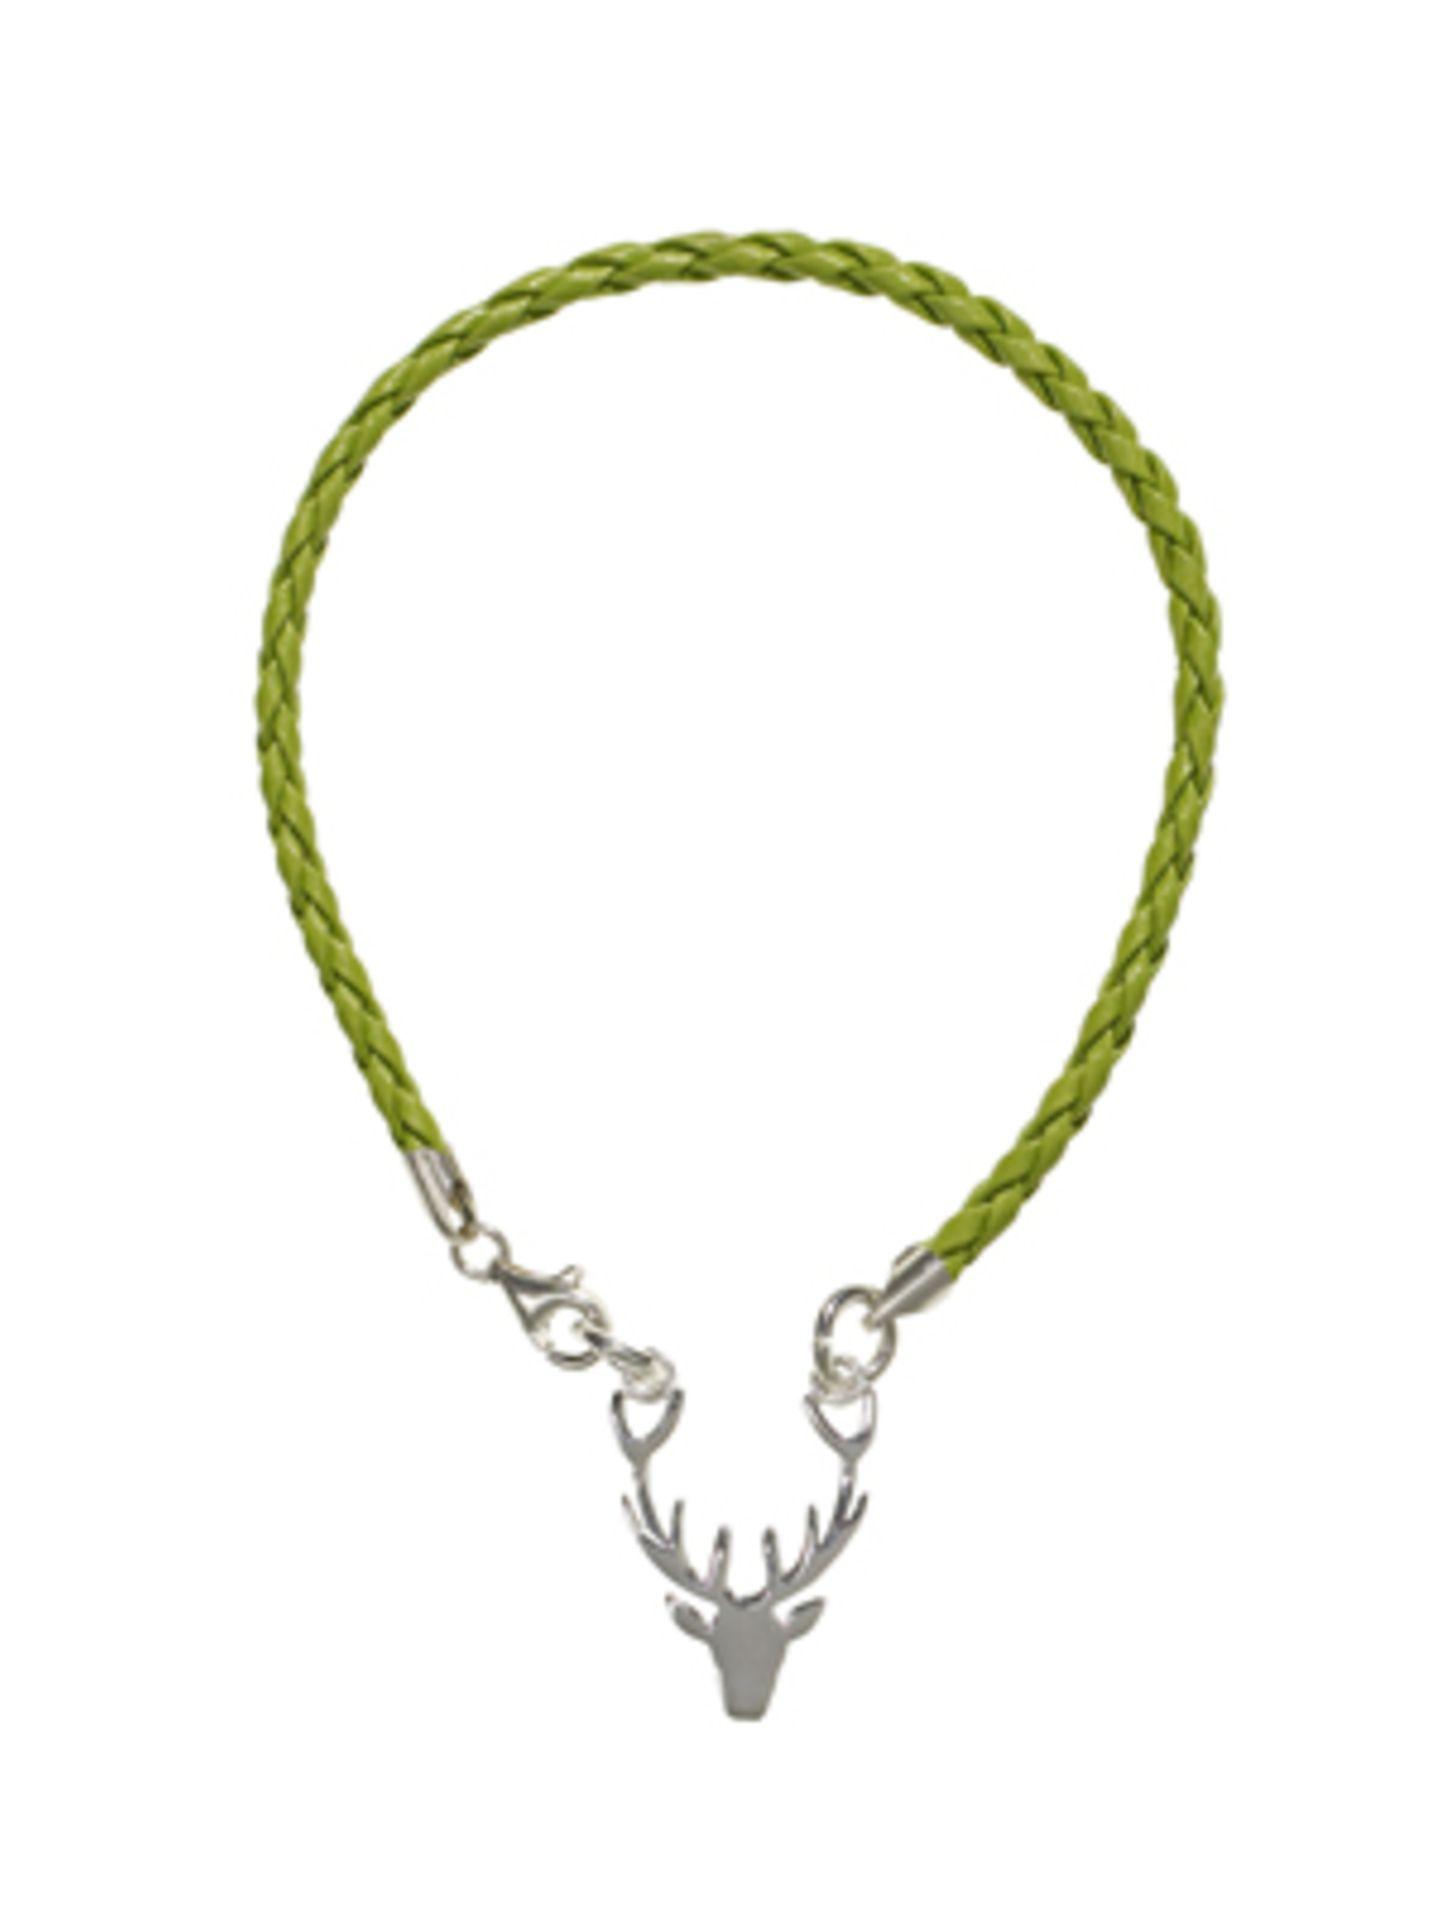 Hellgrünes Flechtarmband mit Hirschgeweih-Anhänger von brasi&brasi, um 50 Euro.